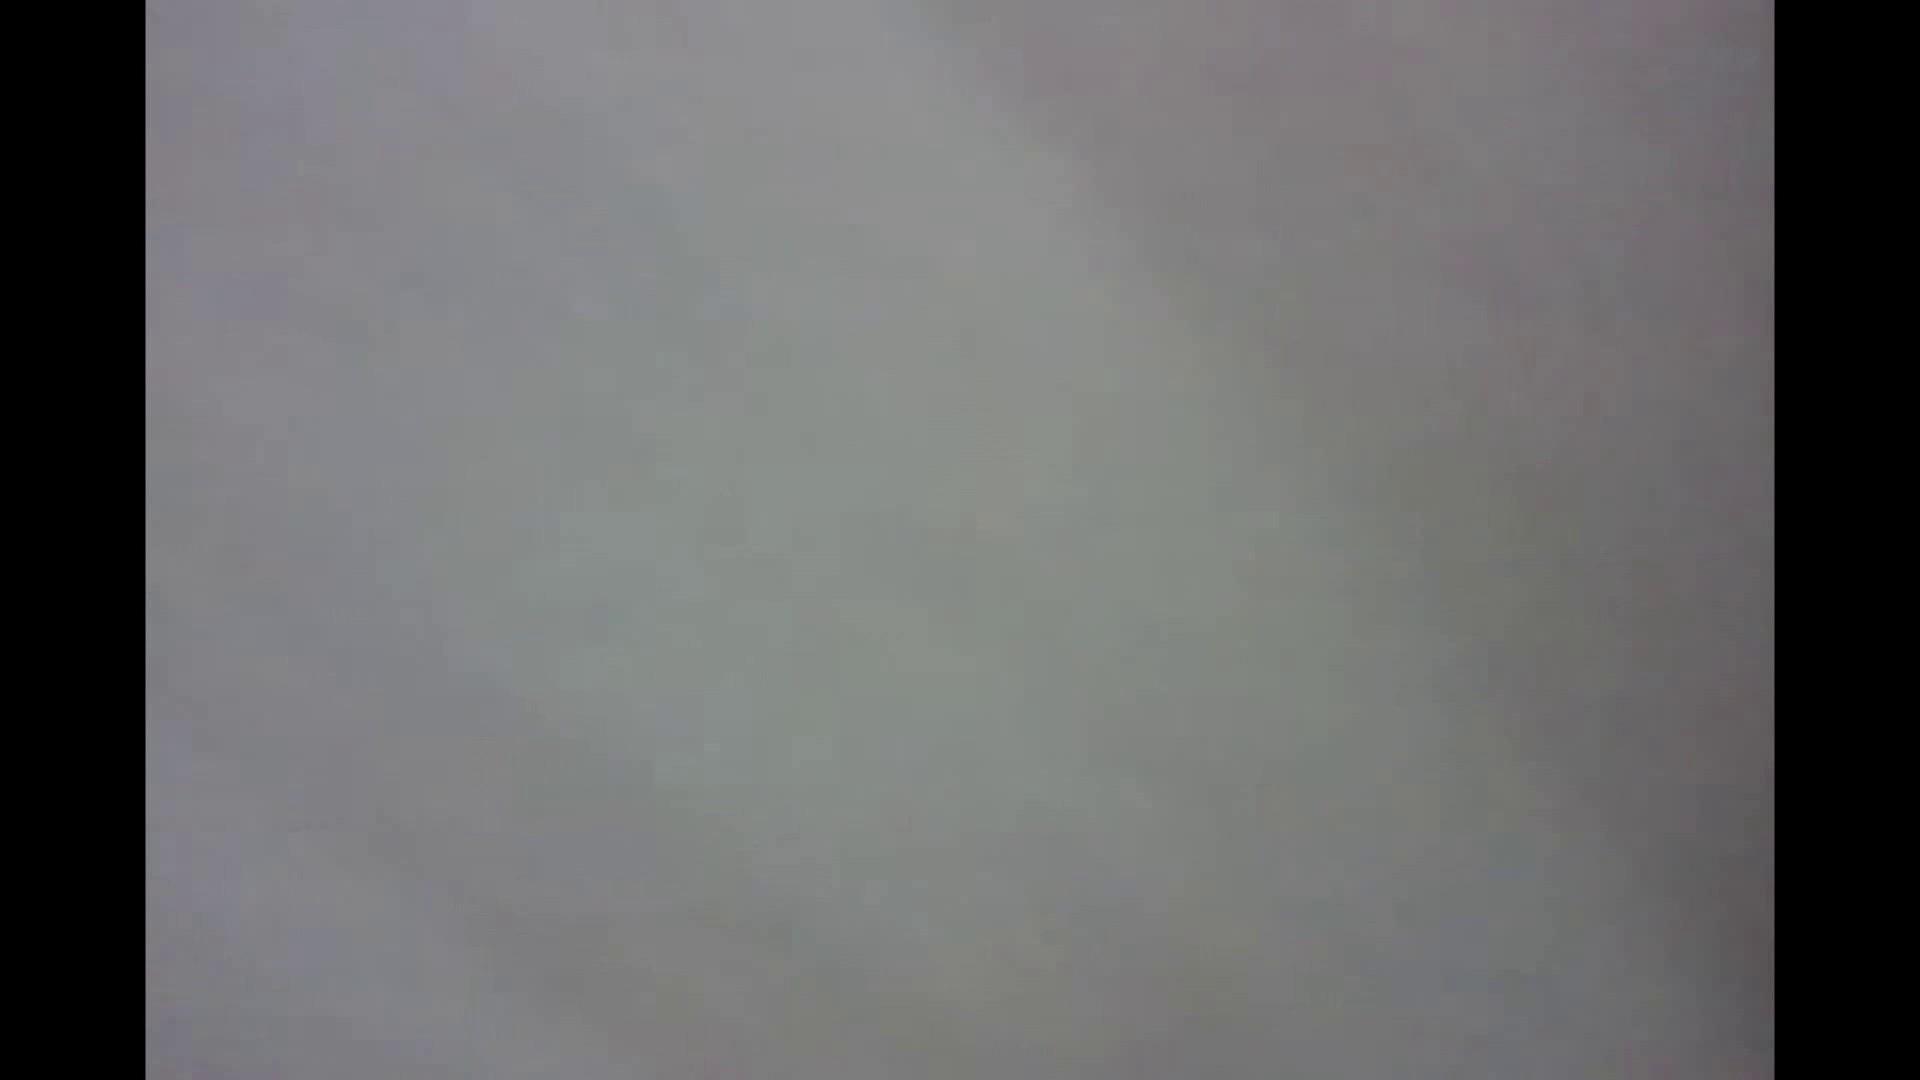 潜入!!韓国秘密のトイレ!Vol.05 すけべなOL オマンコ無修正動画無料 95画像 58